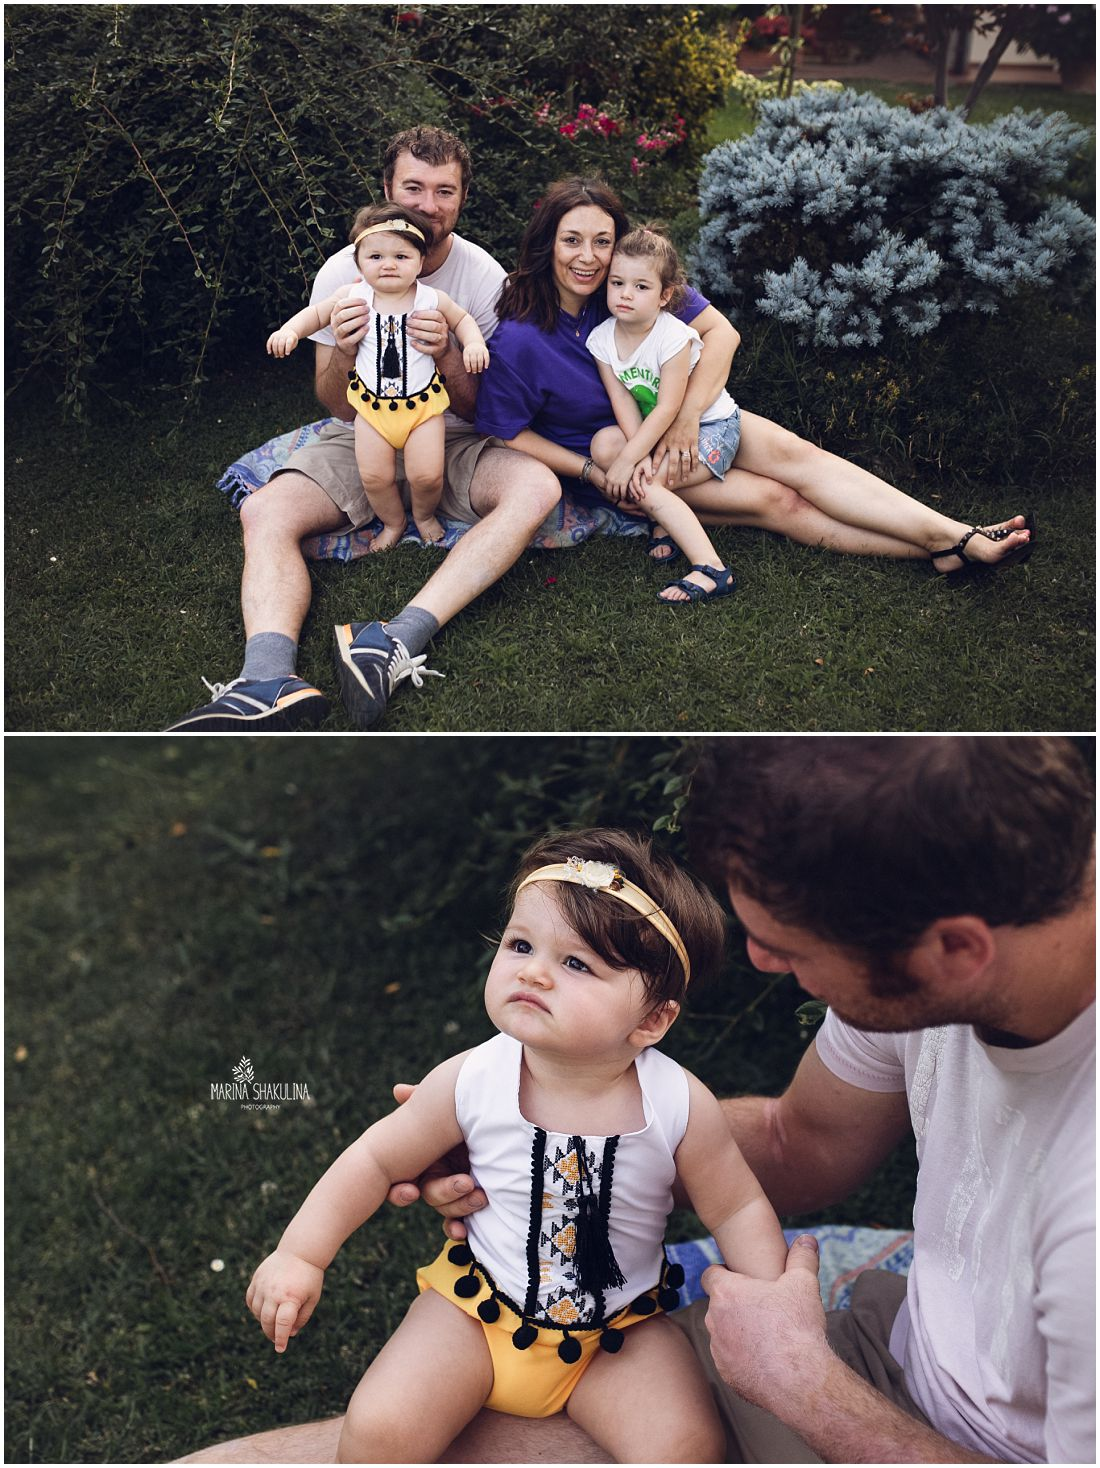 scatti di famiglia all'aperto